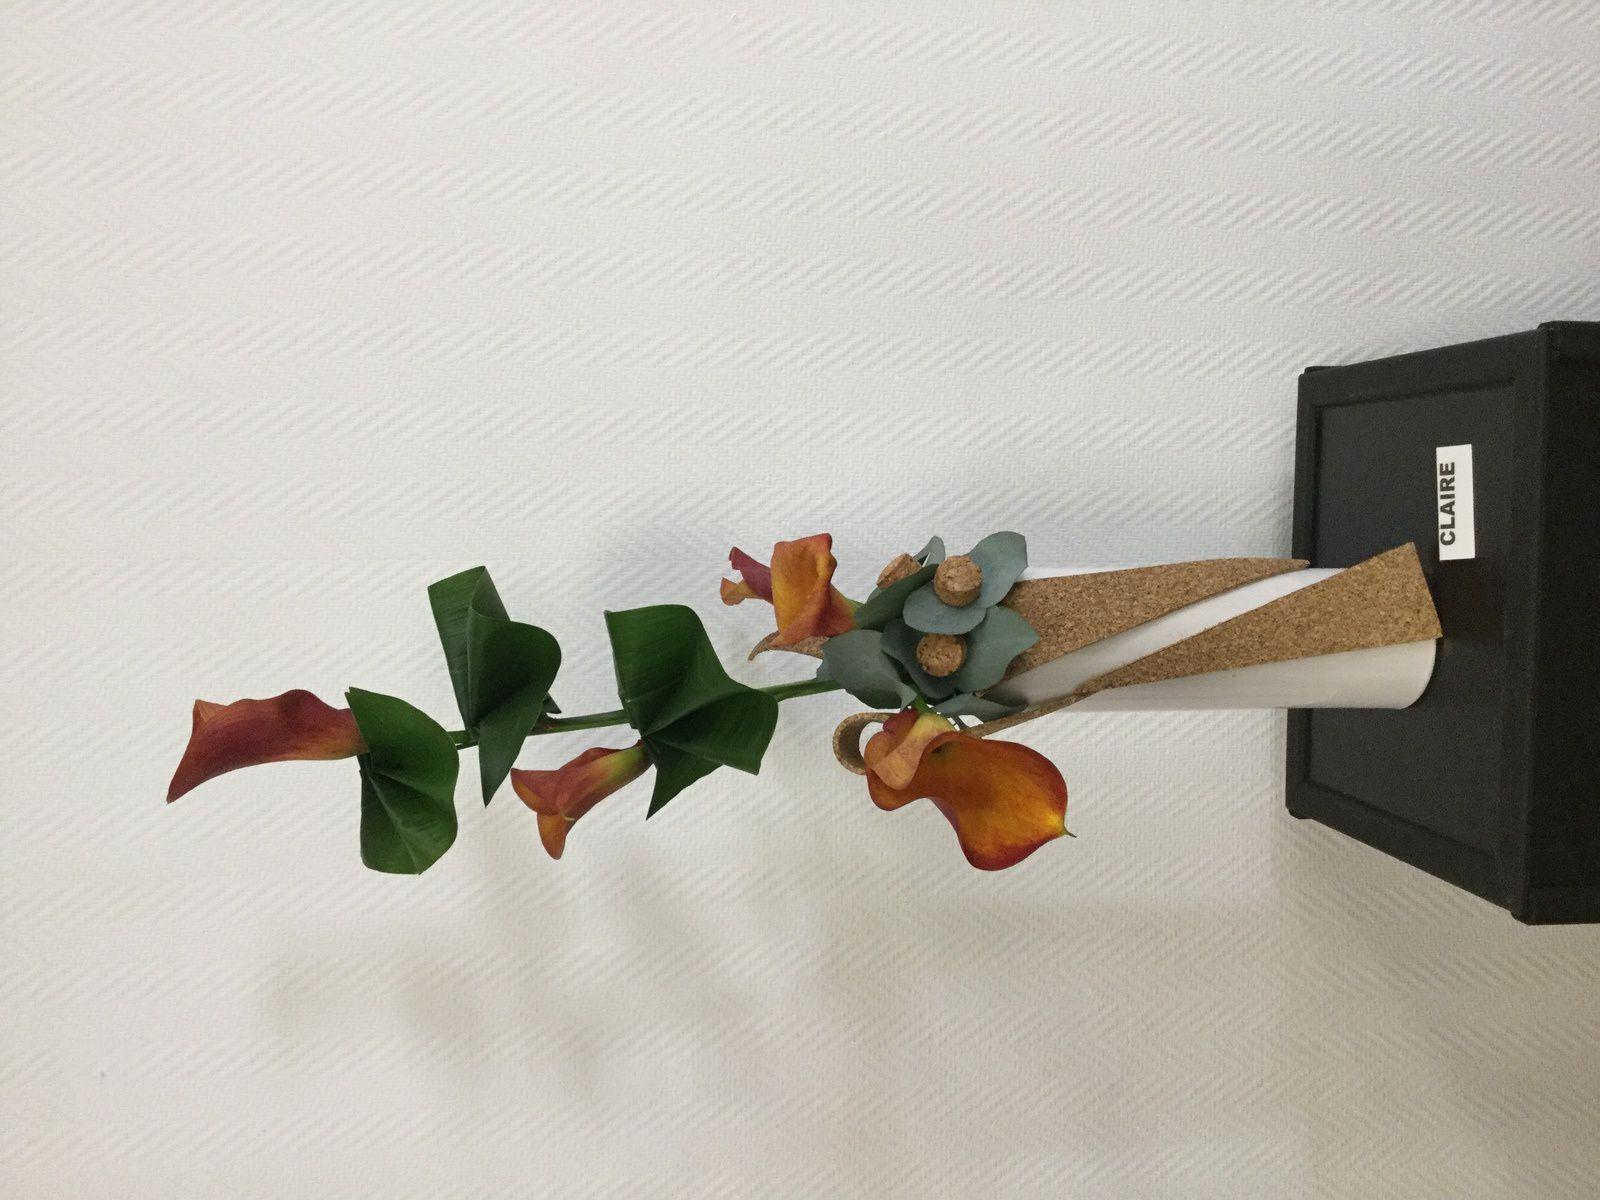 Liége, Arum Calla , Anthurium, Aspidistra, Eucalyptus.